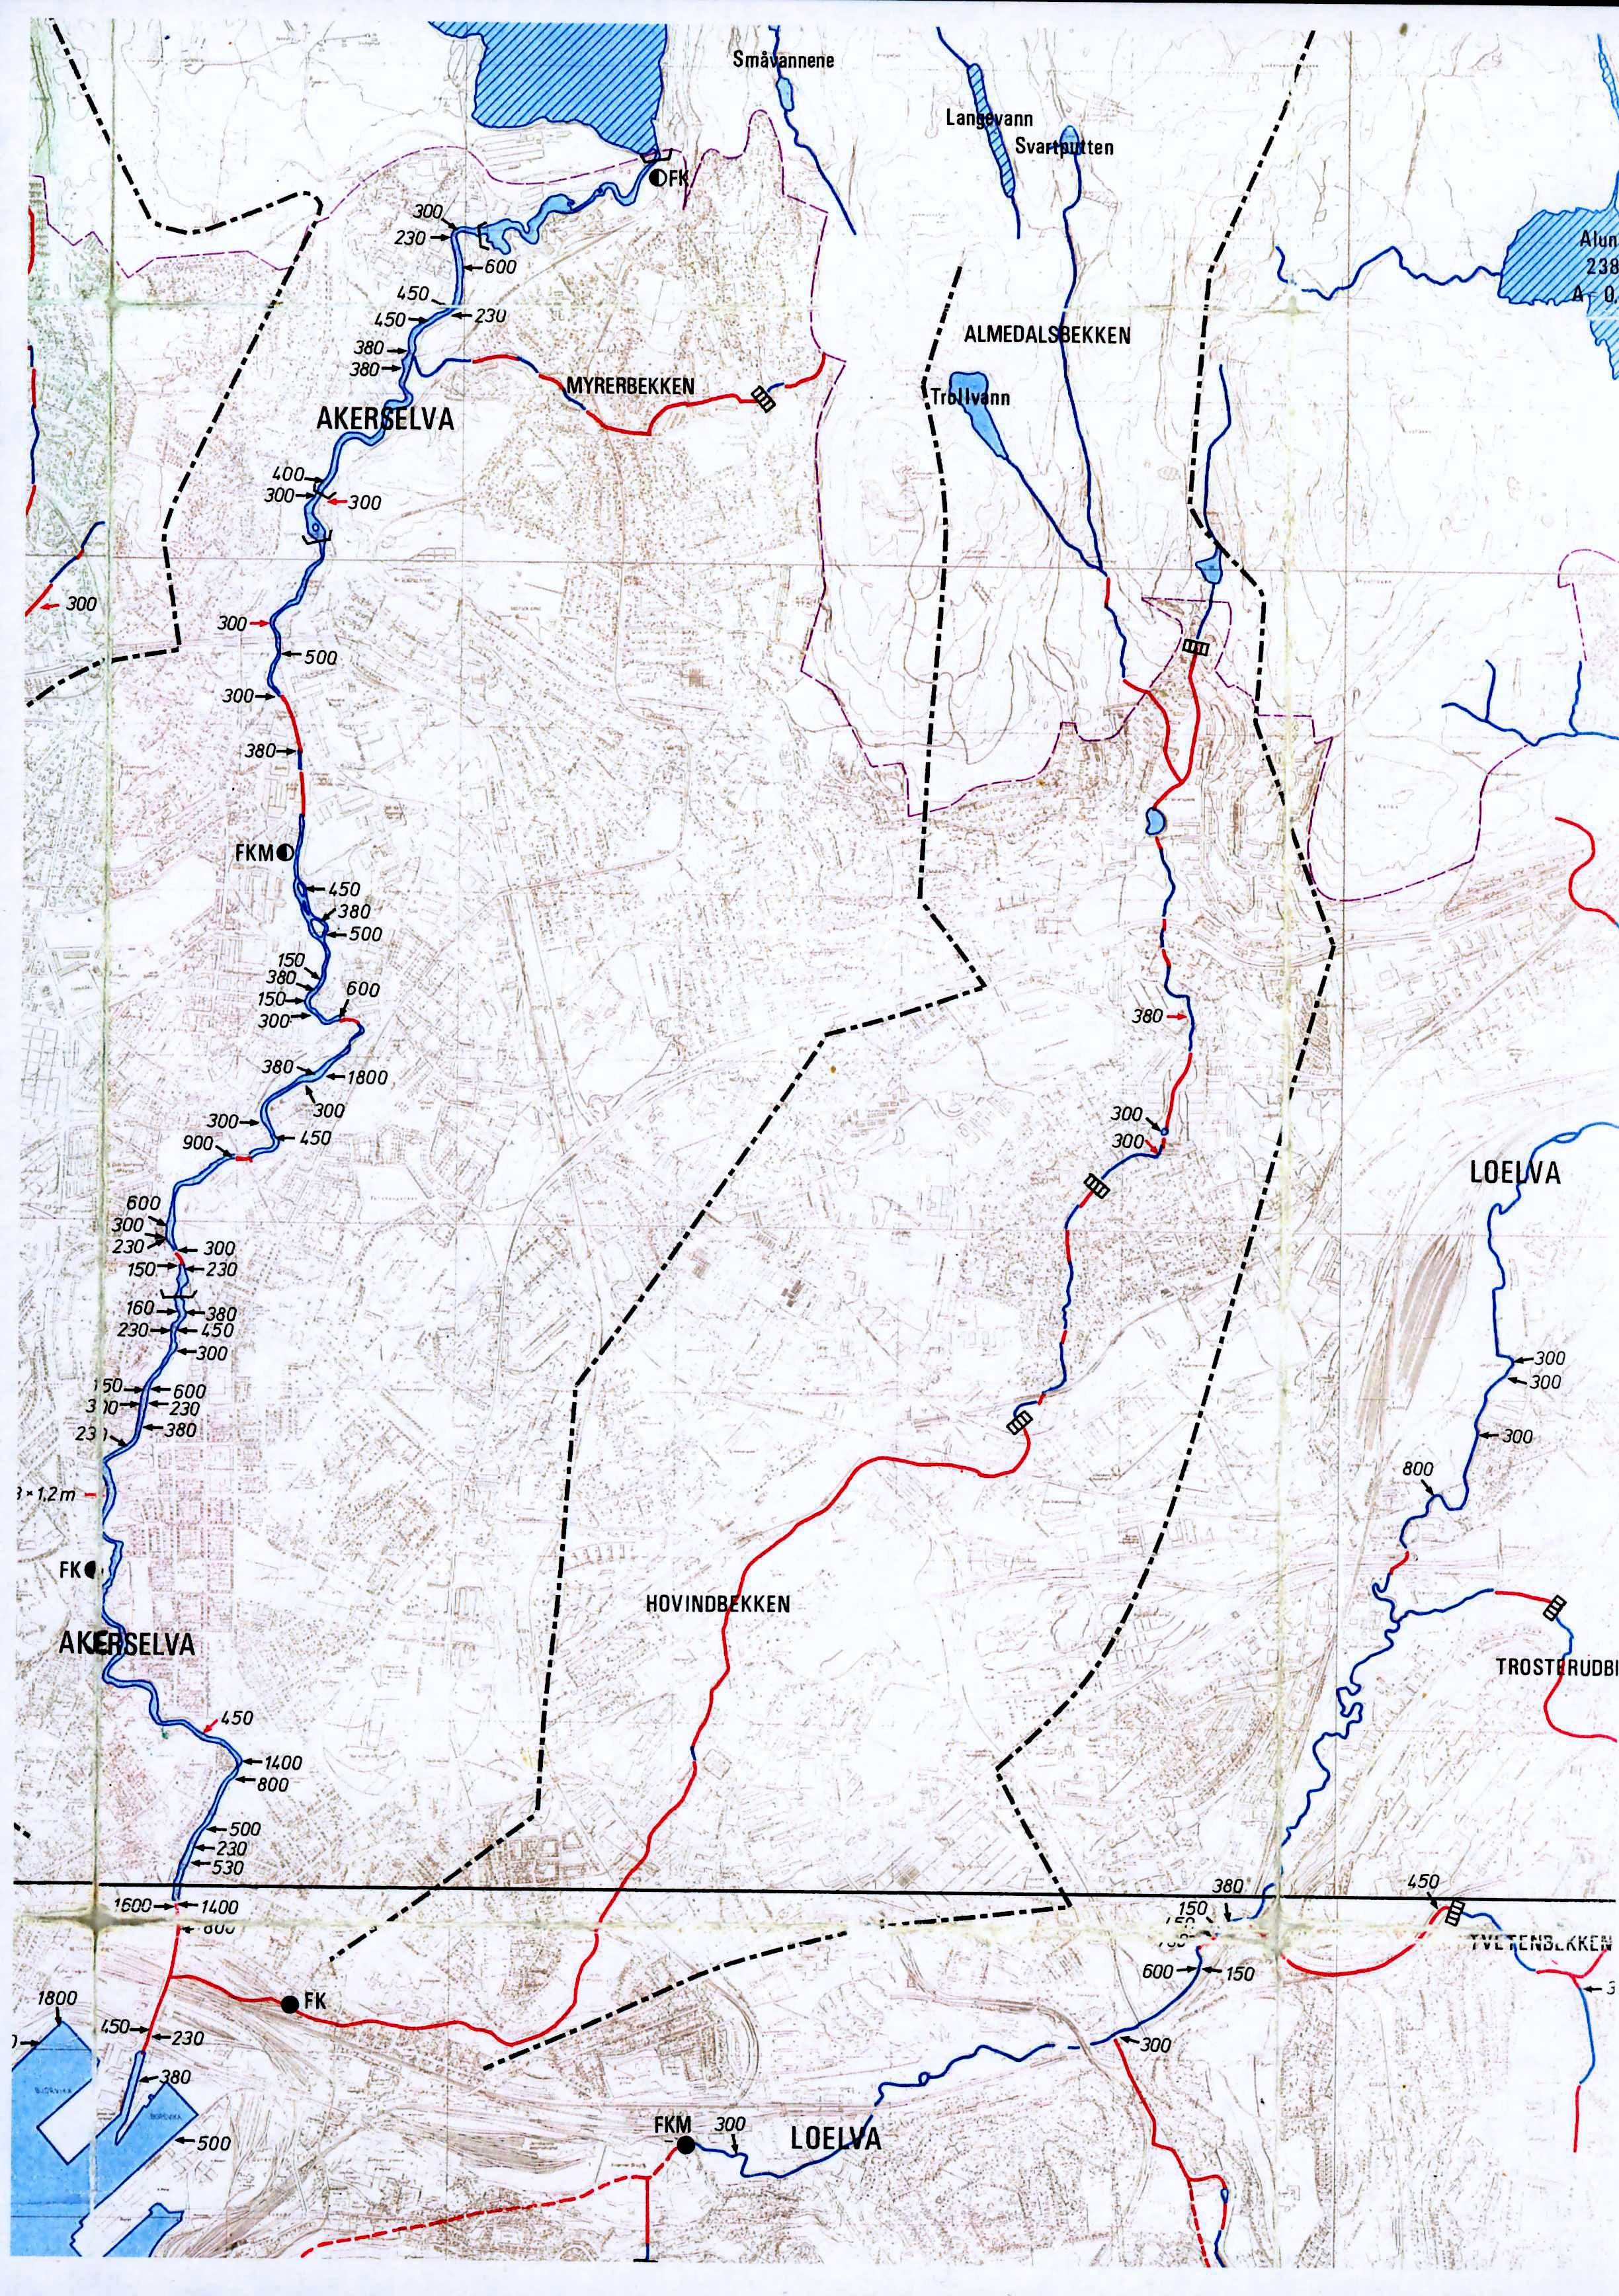 akerselva vandring kart Kart | Hovinbekken akerselva vandring kart